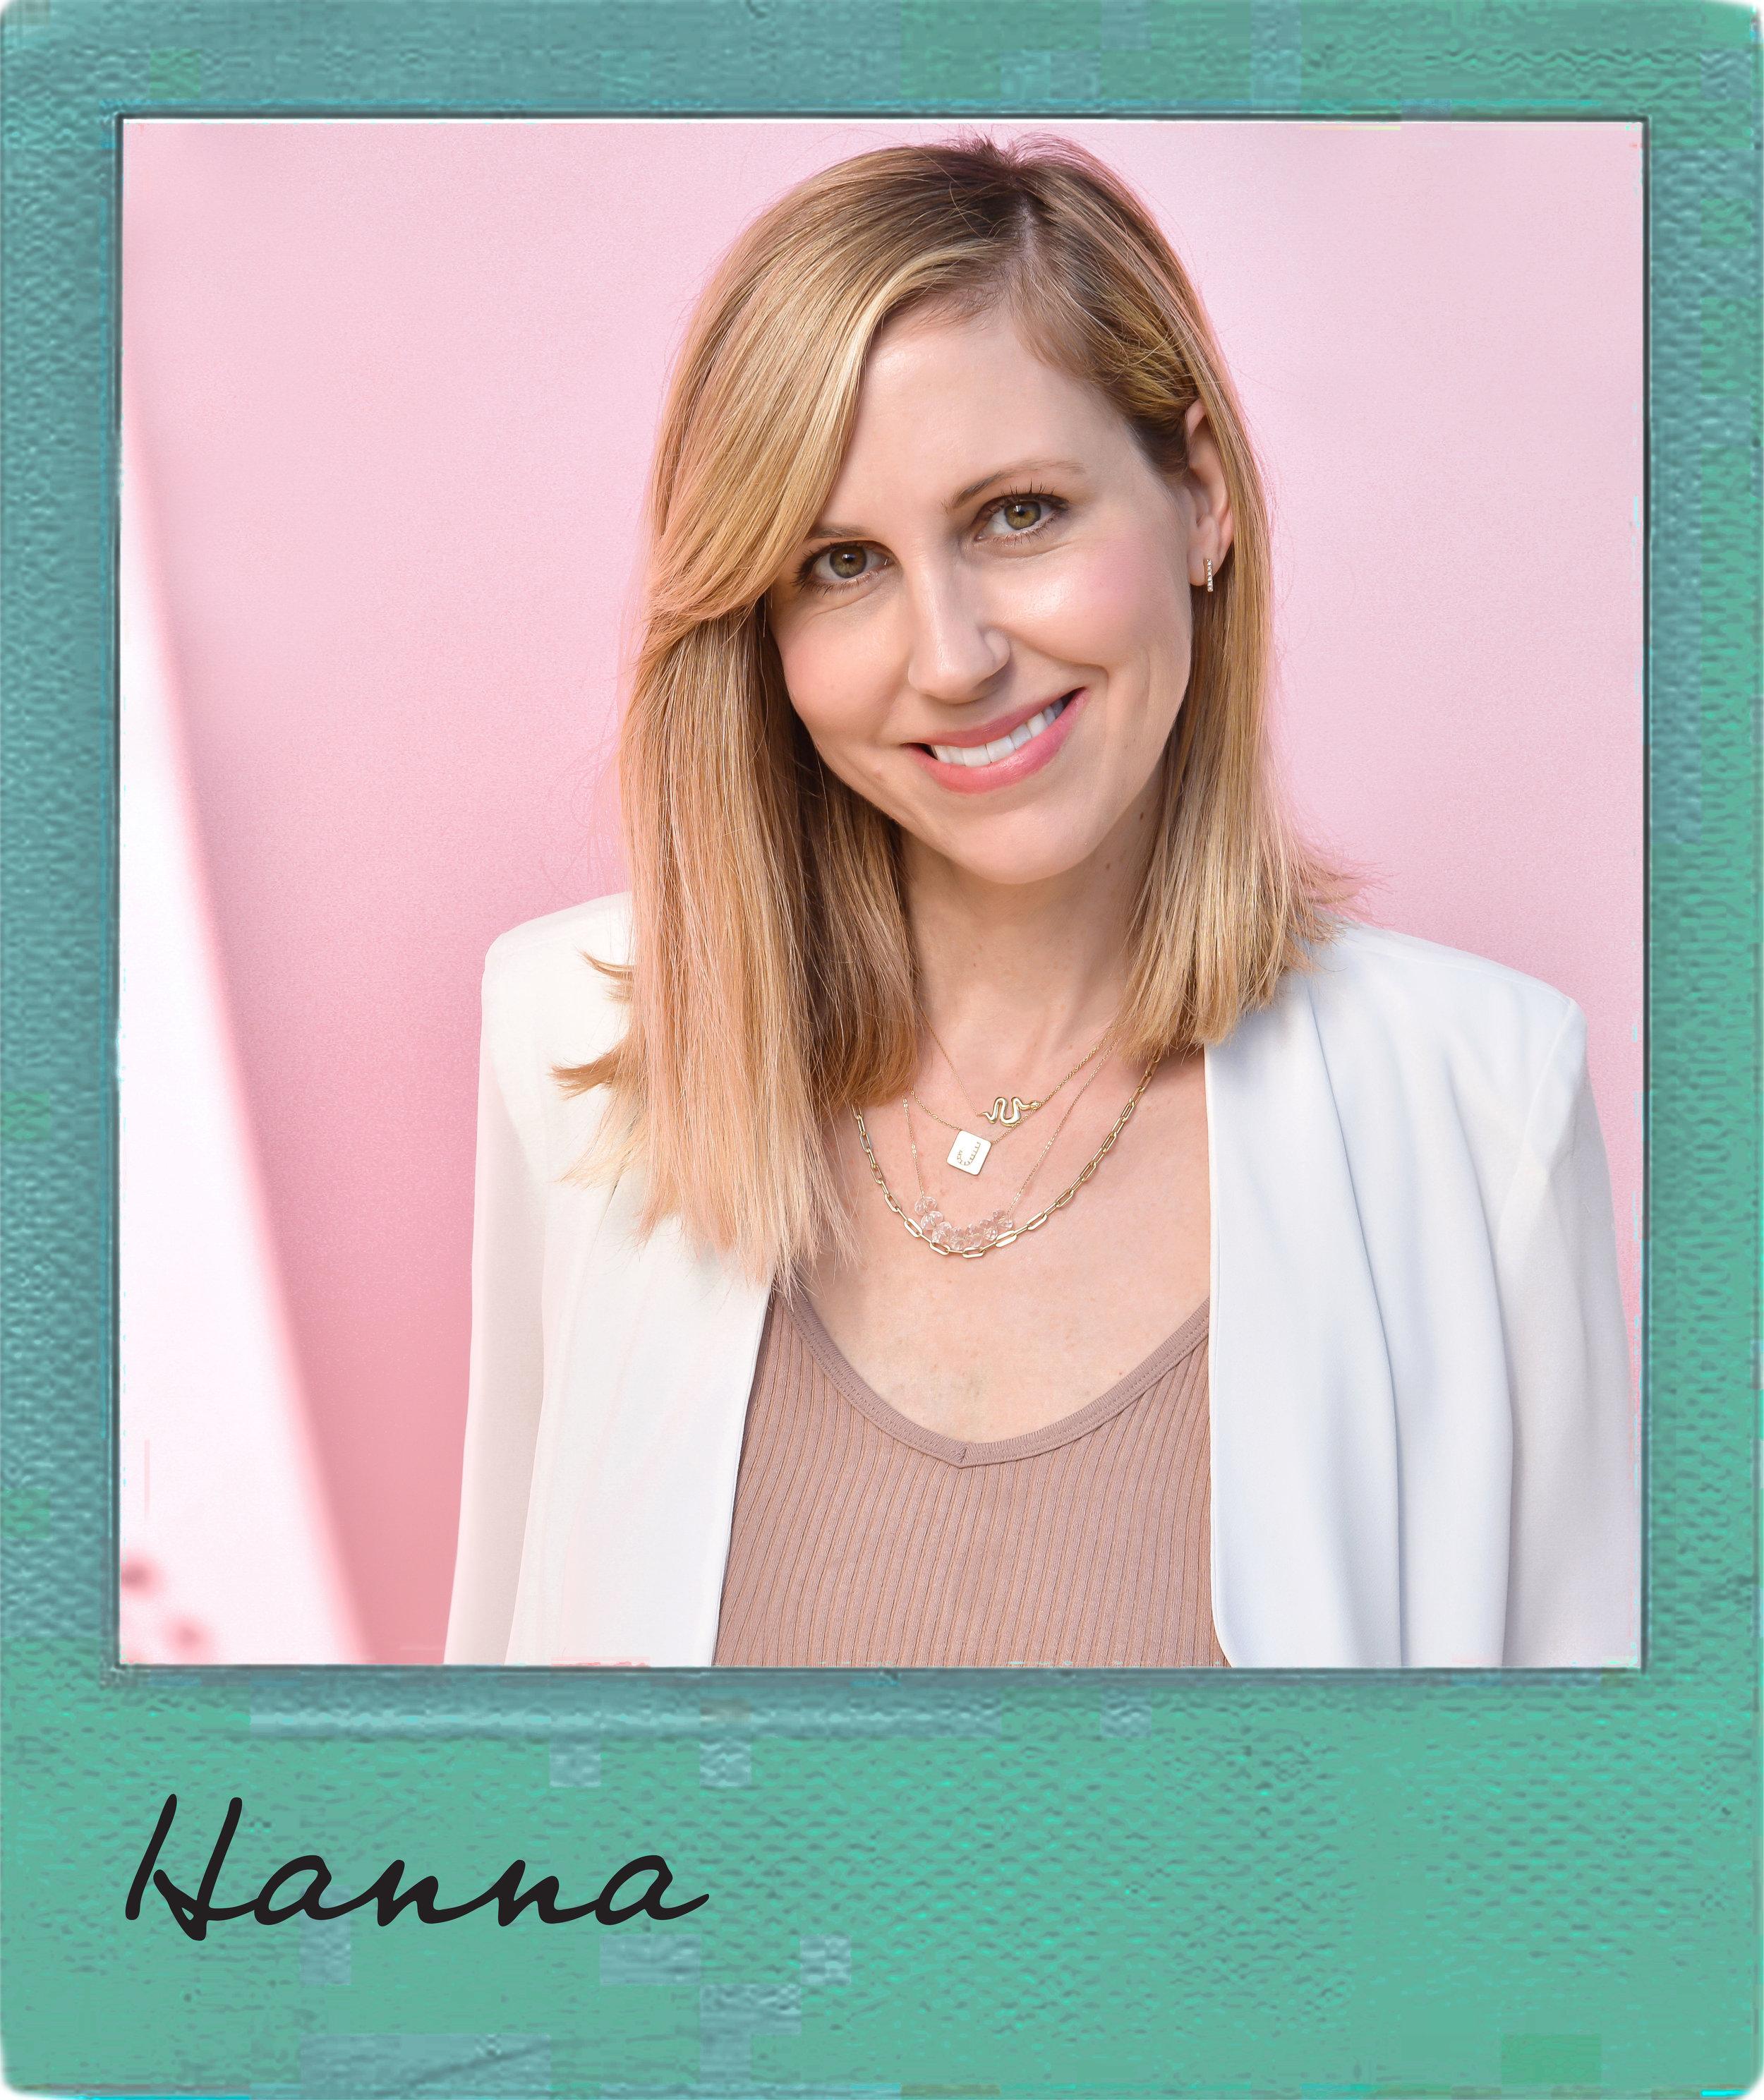 Hanna_Polaroid.jpg